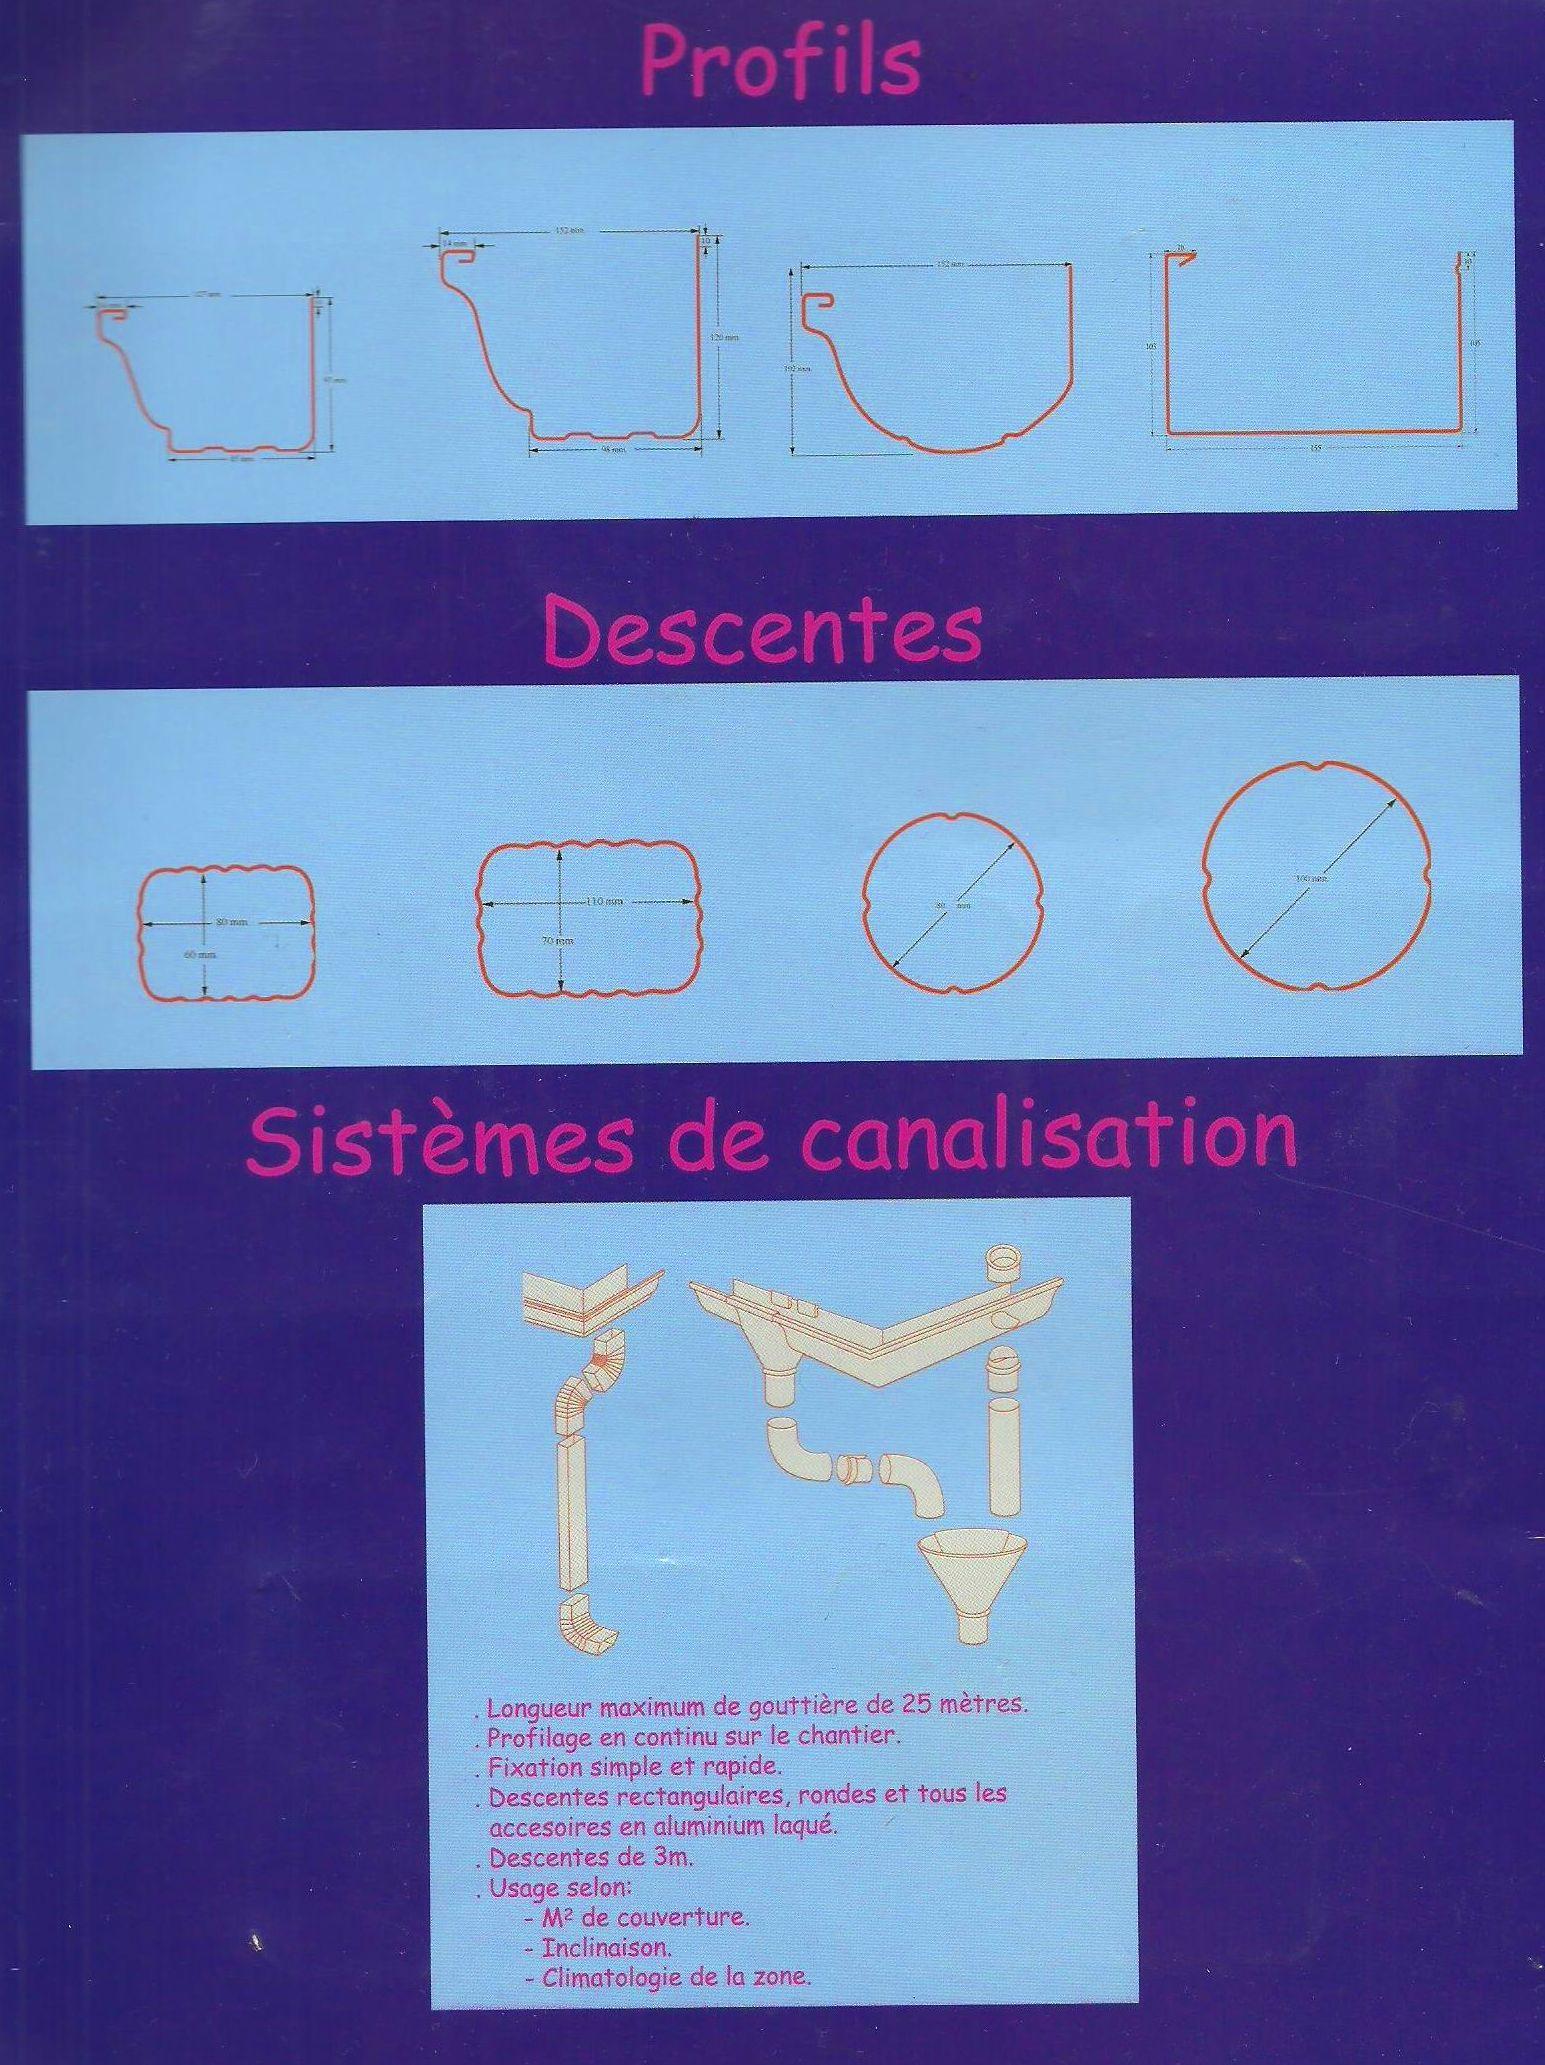 Foto 30 de Canalones en Santibáñez de Valcorba | Instalaciones Alonso